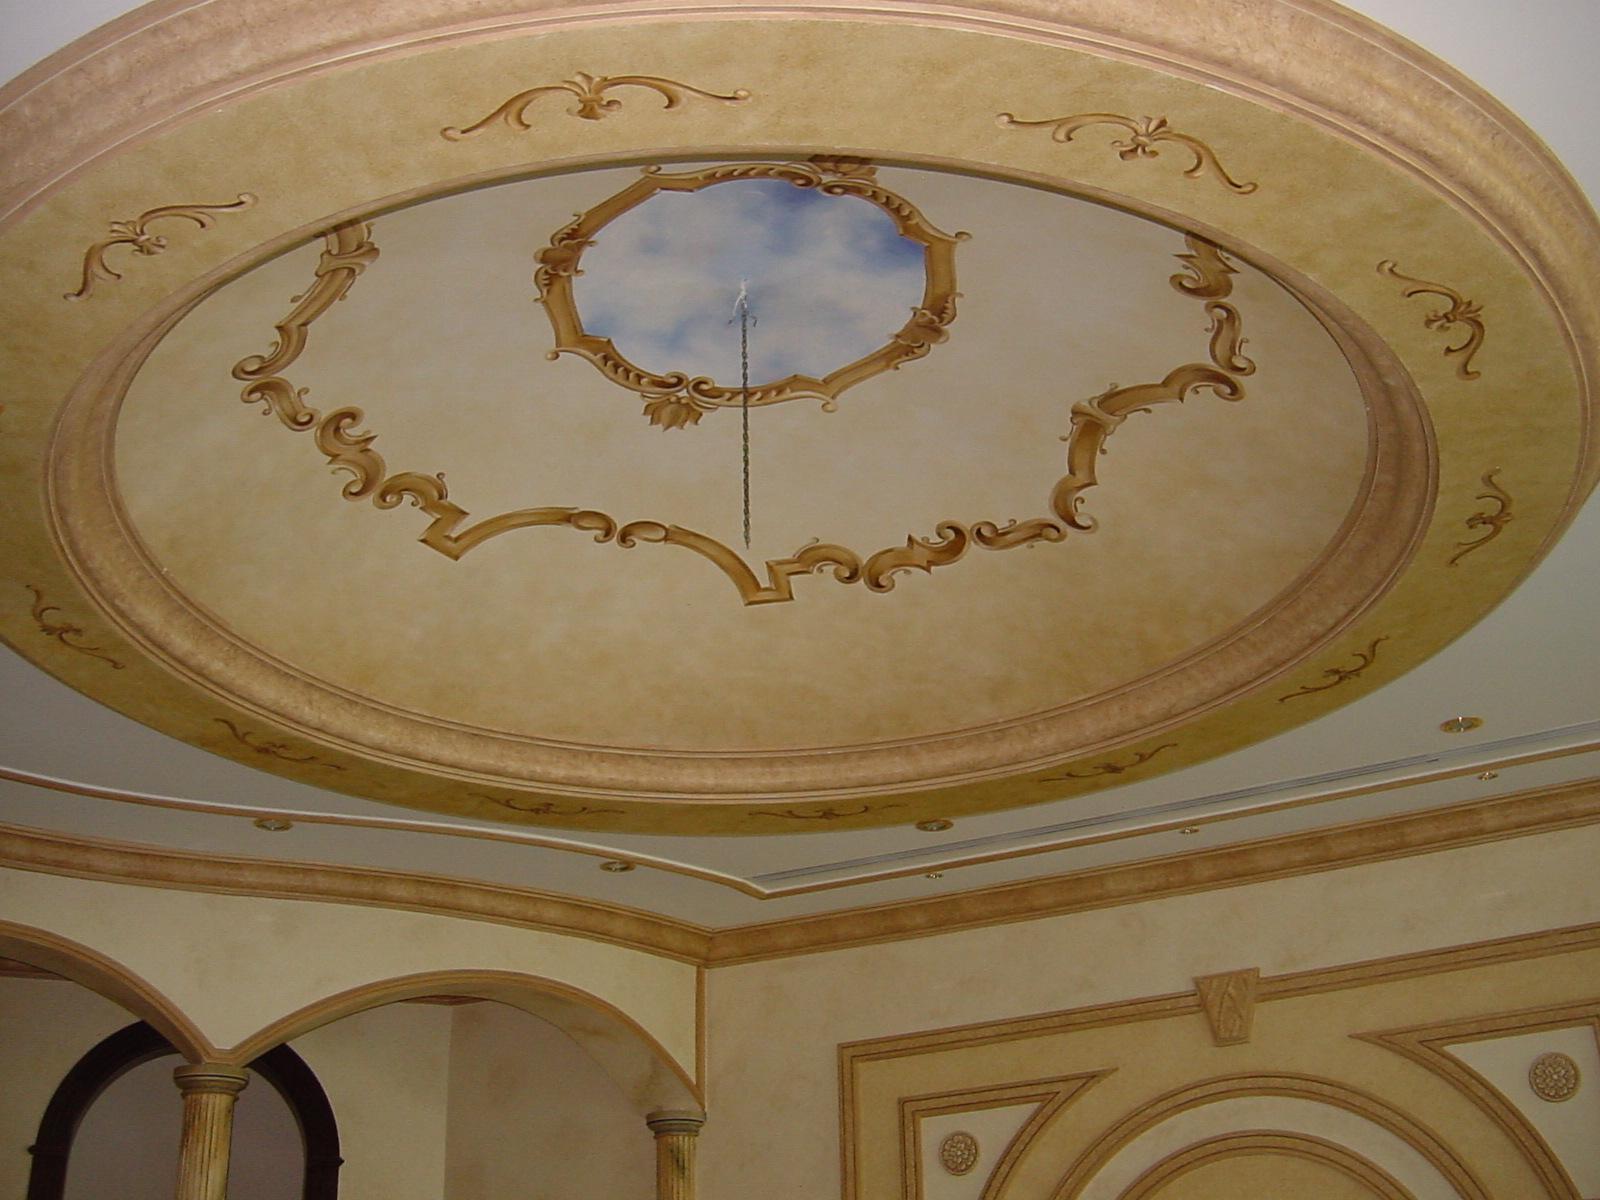 بالصور ديكورات اسقف , اجمل ديكورات للاسقف 3433 4